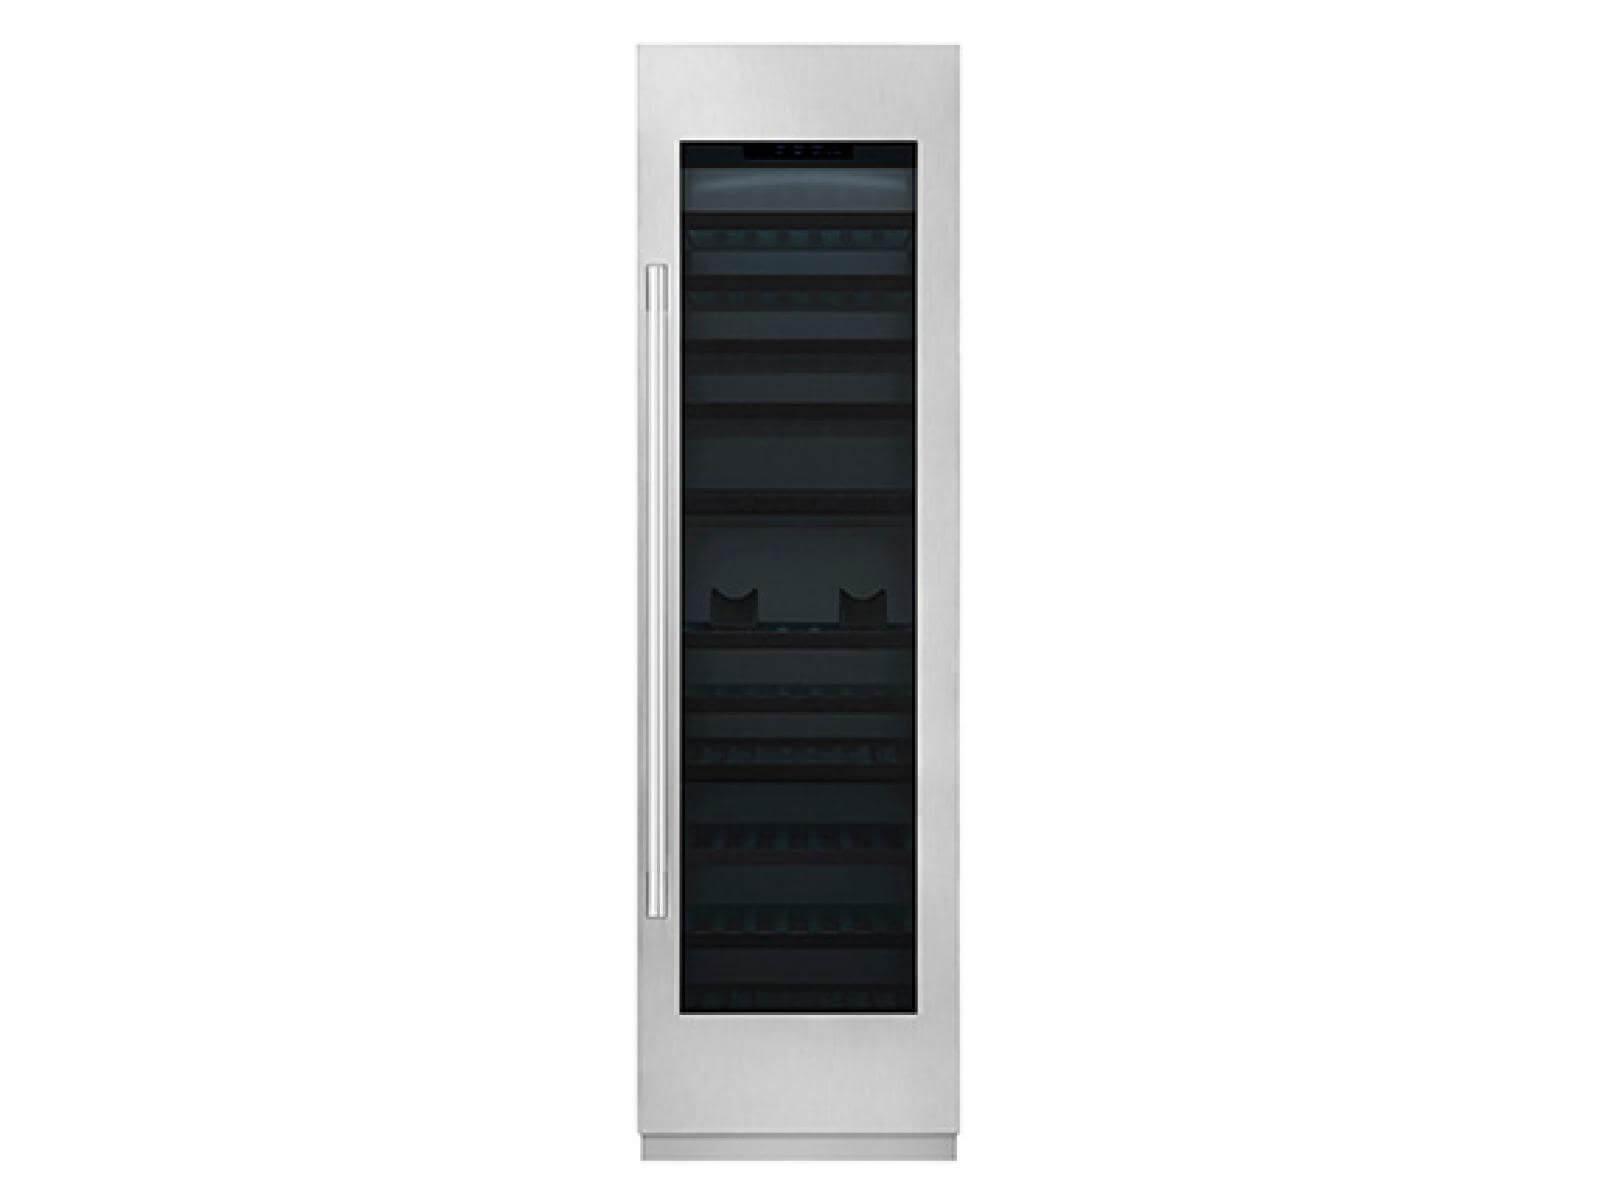 Cellier colonne intégré de 24 po